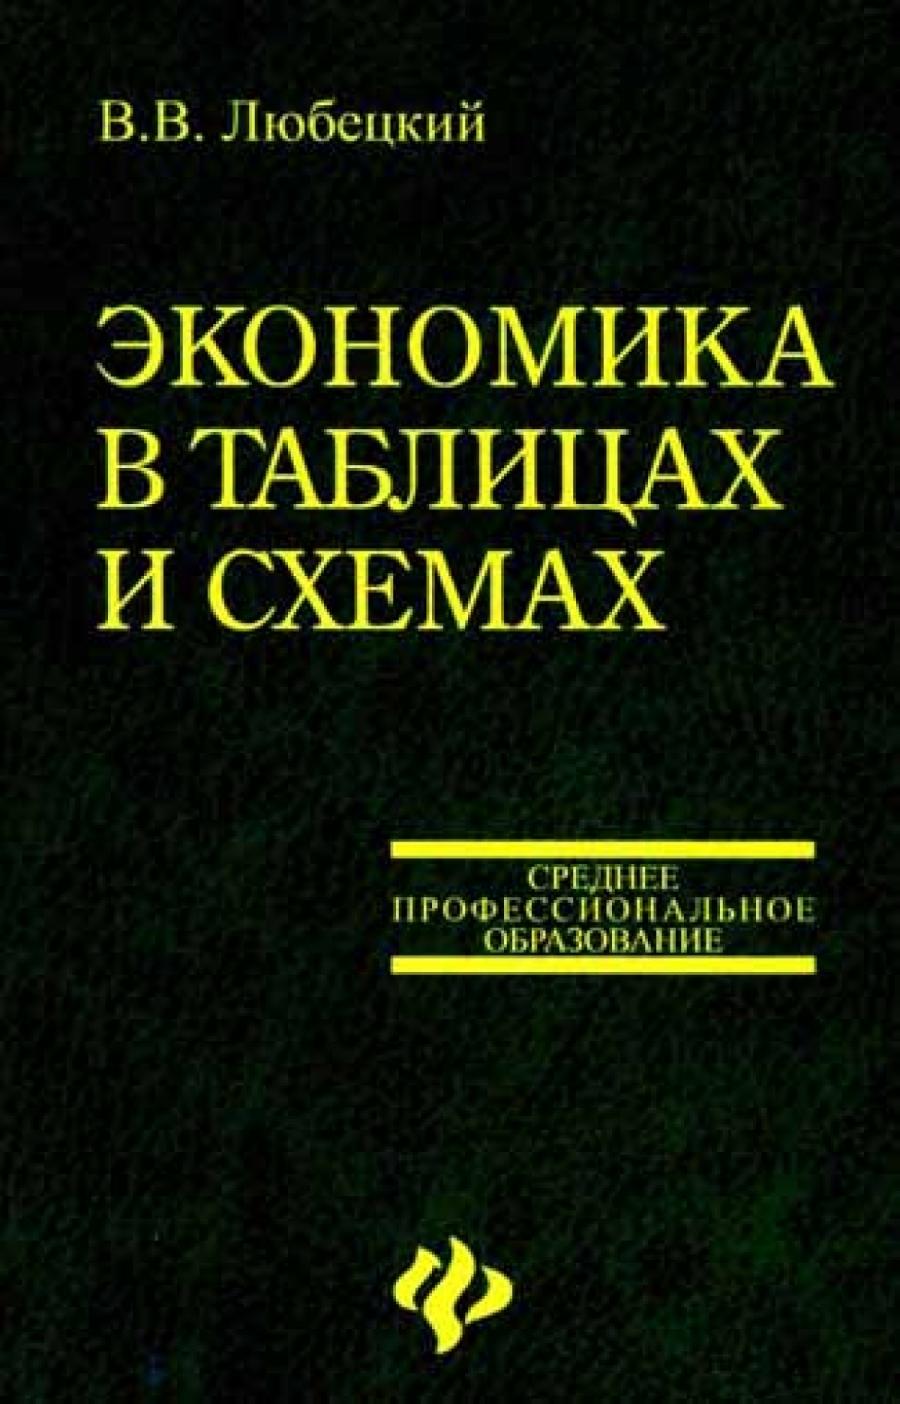 Обложка книги:  любецкий в.в. - экономика в таблицах и схемах